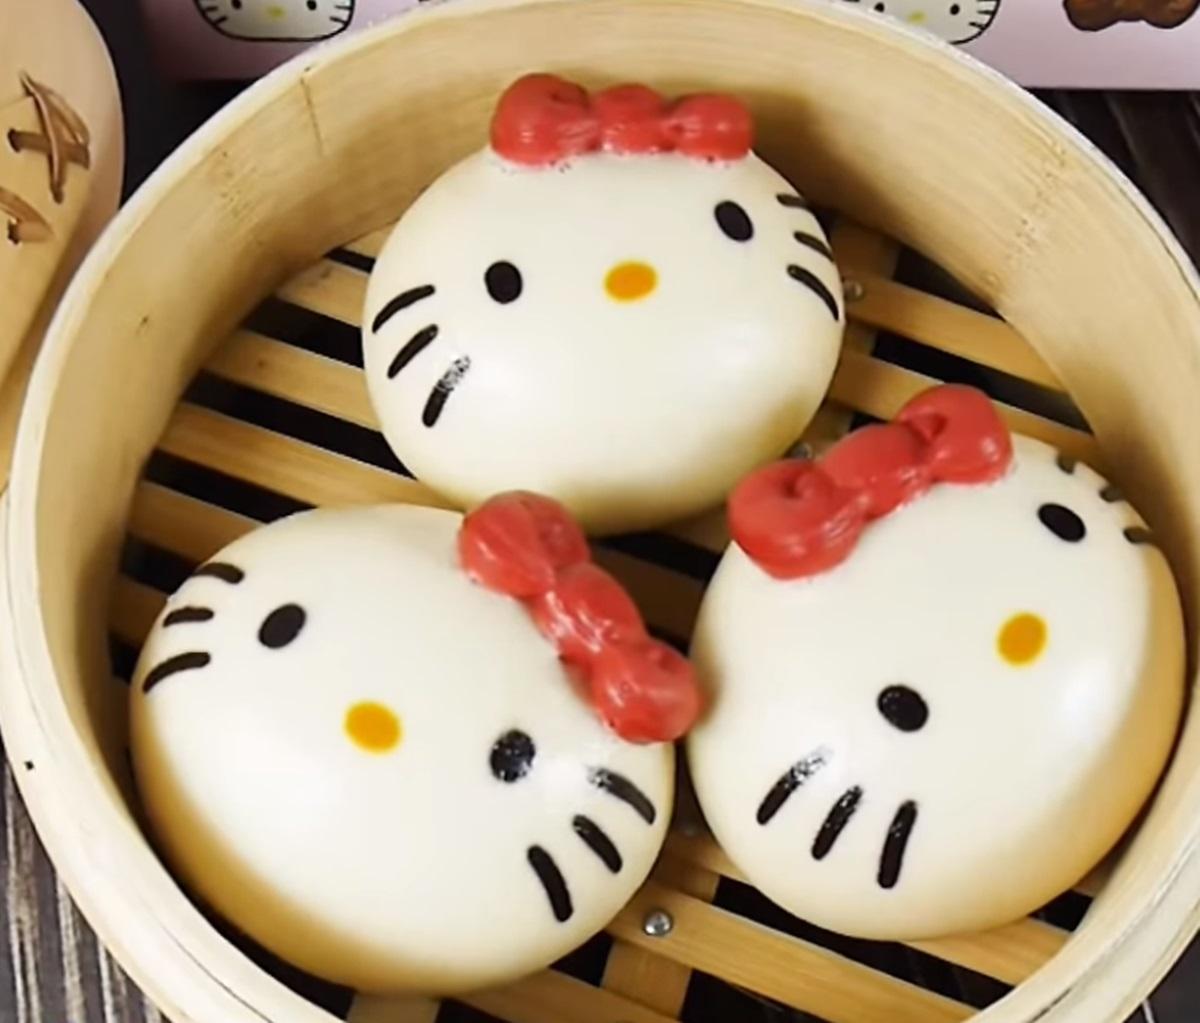 小七吃得到!Hello Kitty「巧克力珍珠包」開放預購,爆漿巧克力+QQ珍珠快衝一波